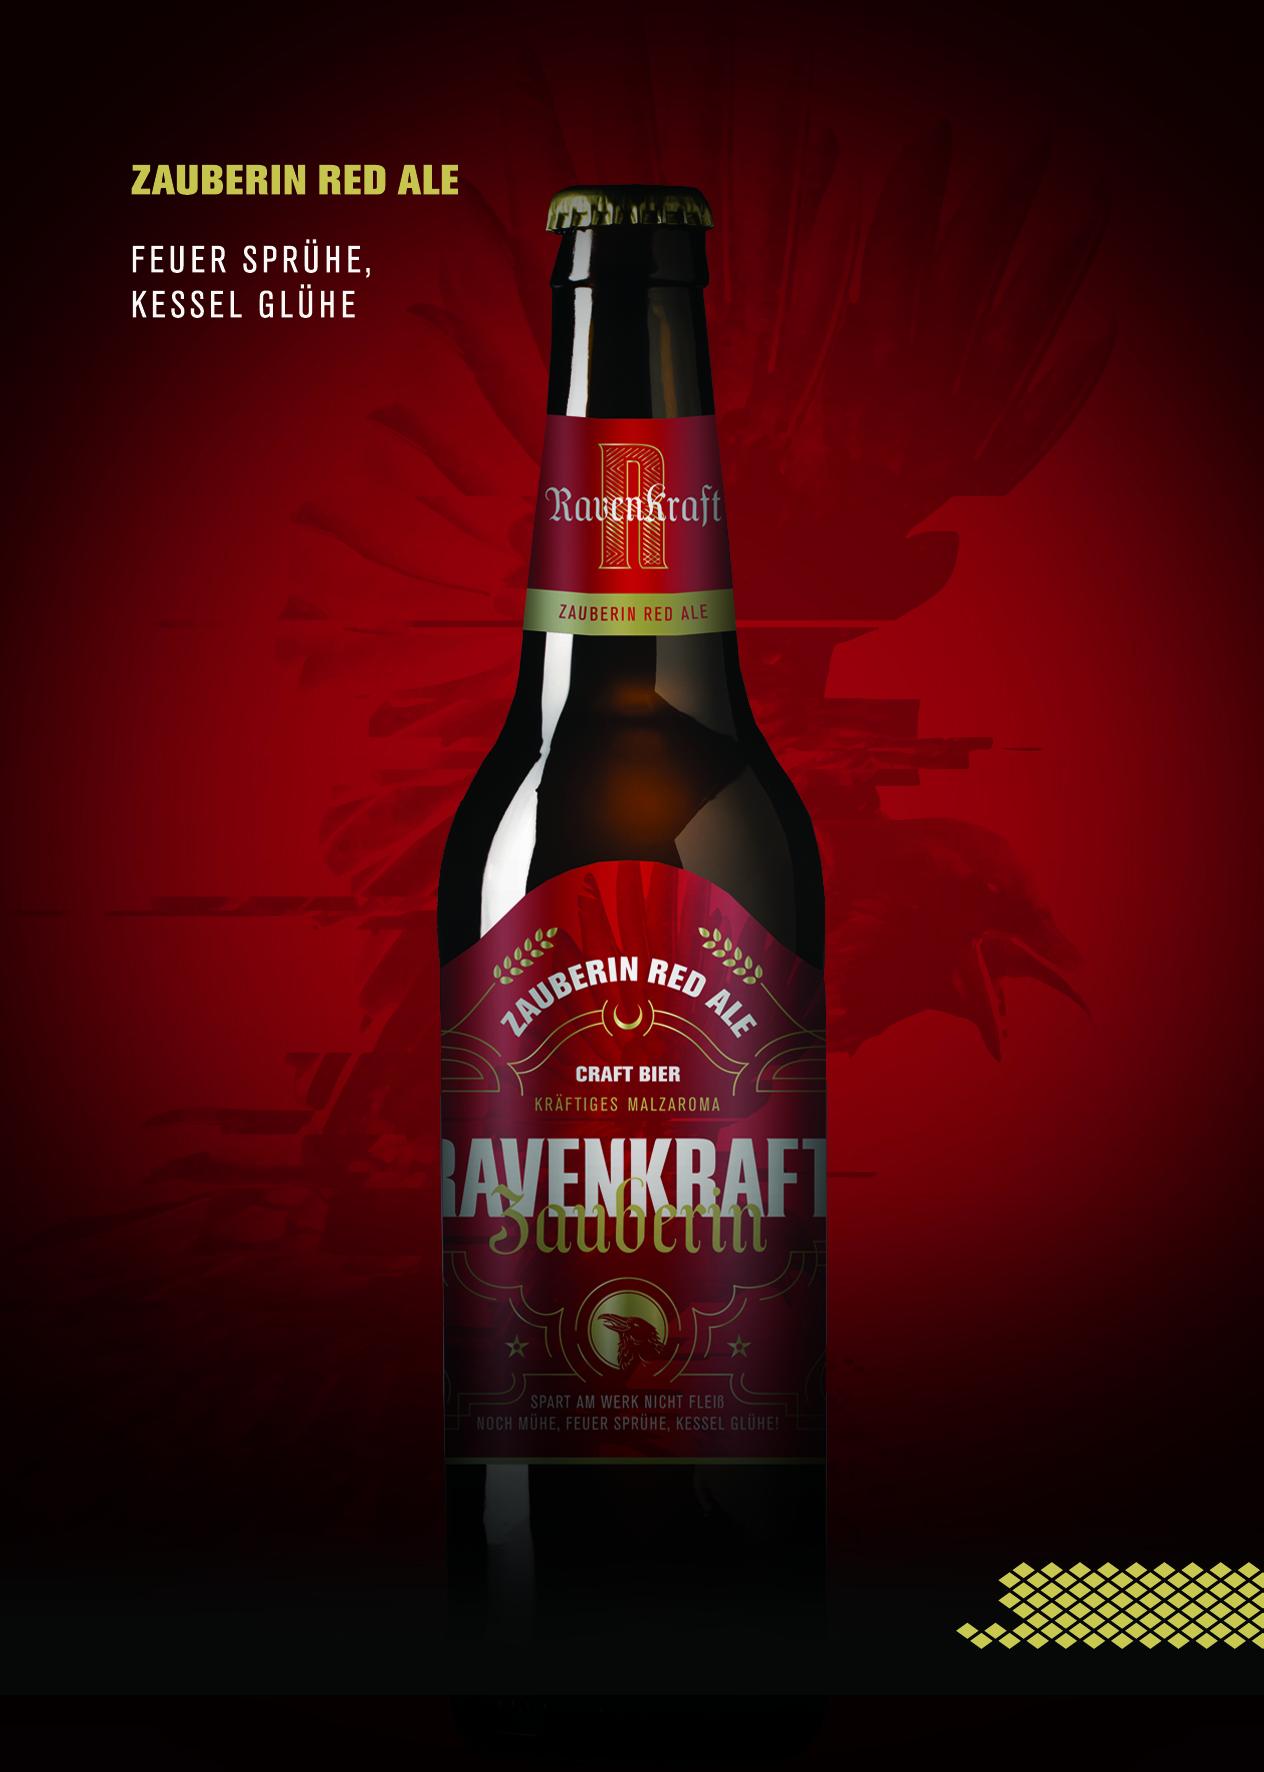 RavenKraft_flyer_1a.jpg